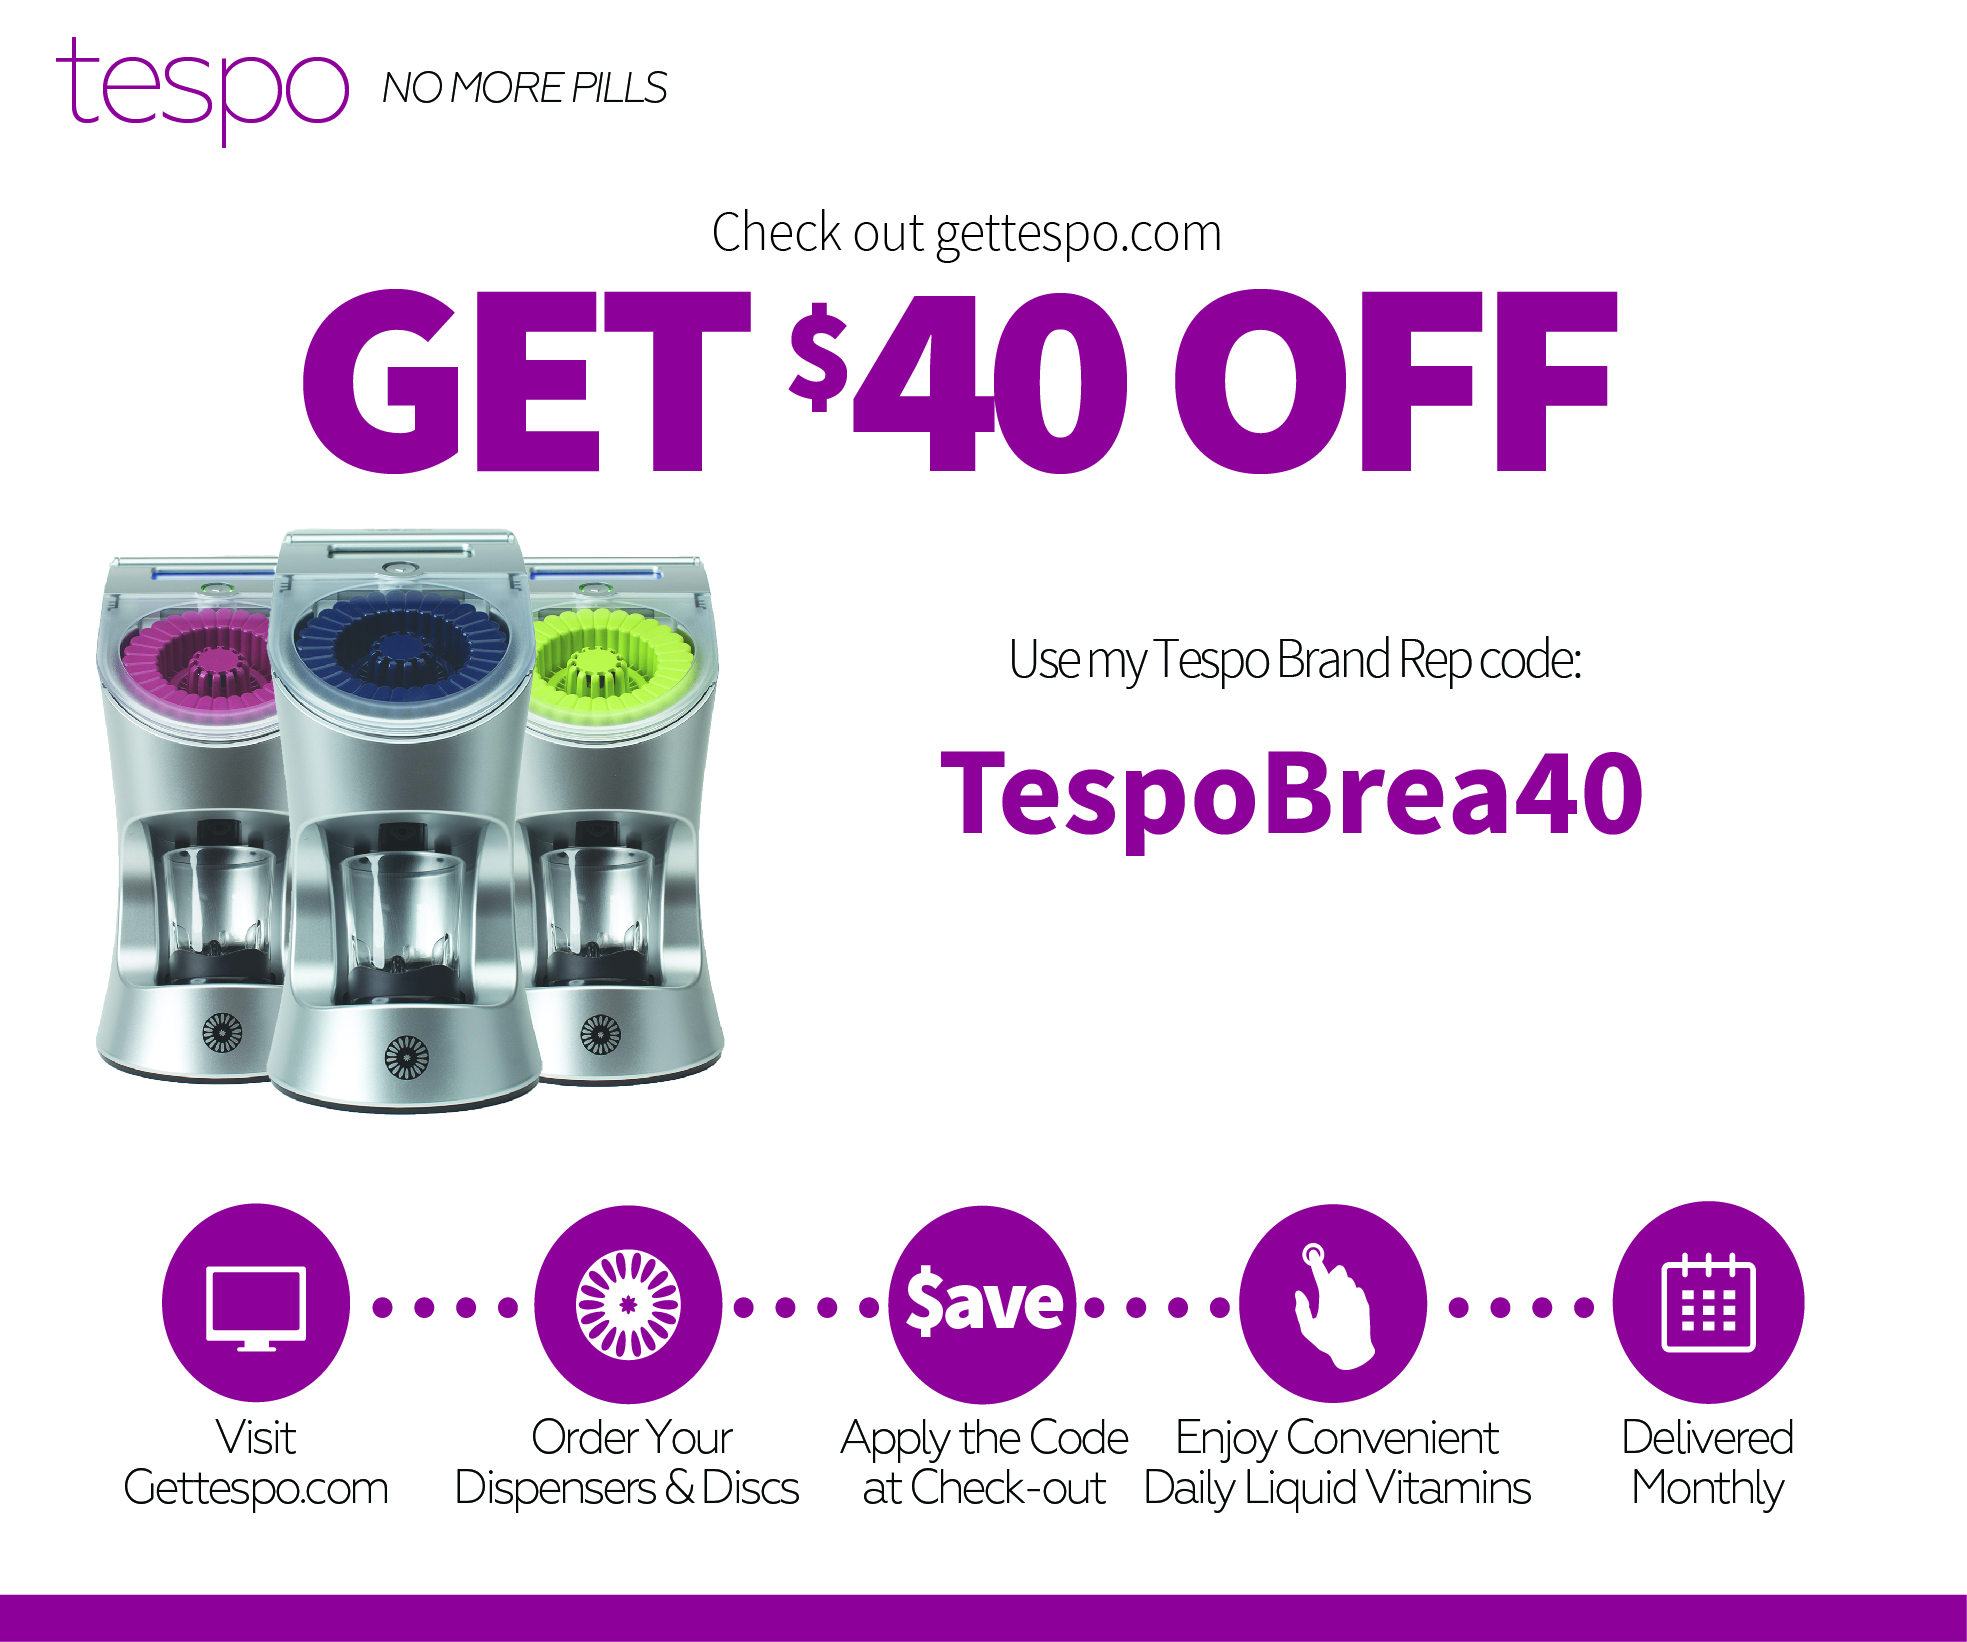 TESPO discount